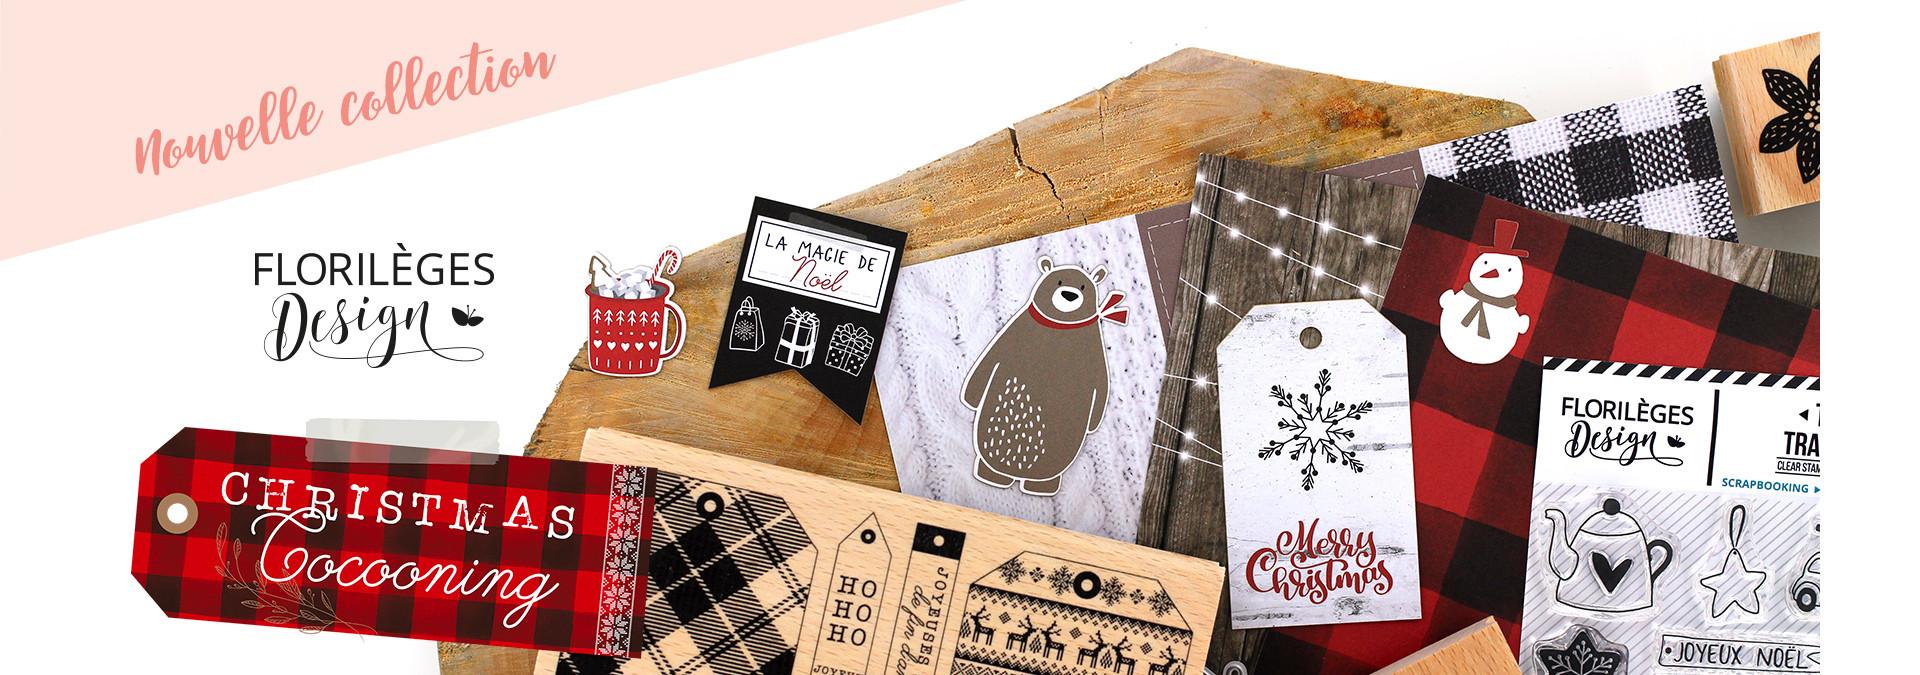 Nouvelle collection : Christmas cocooning de Florilèges Design